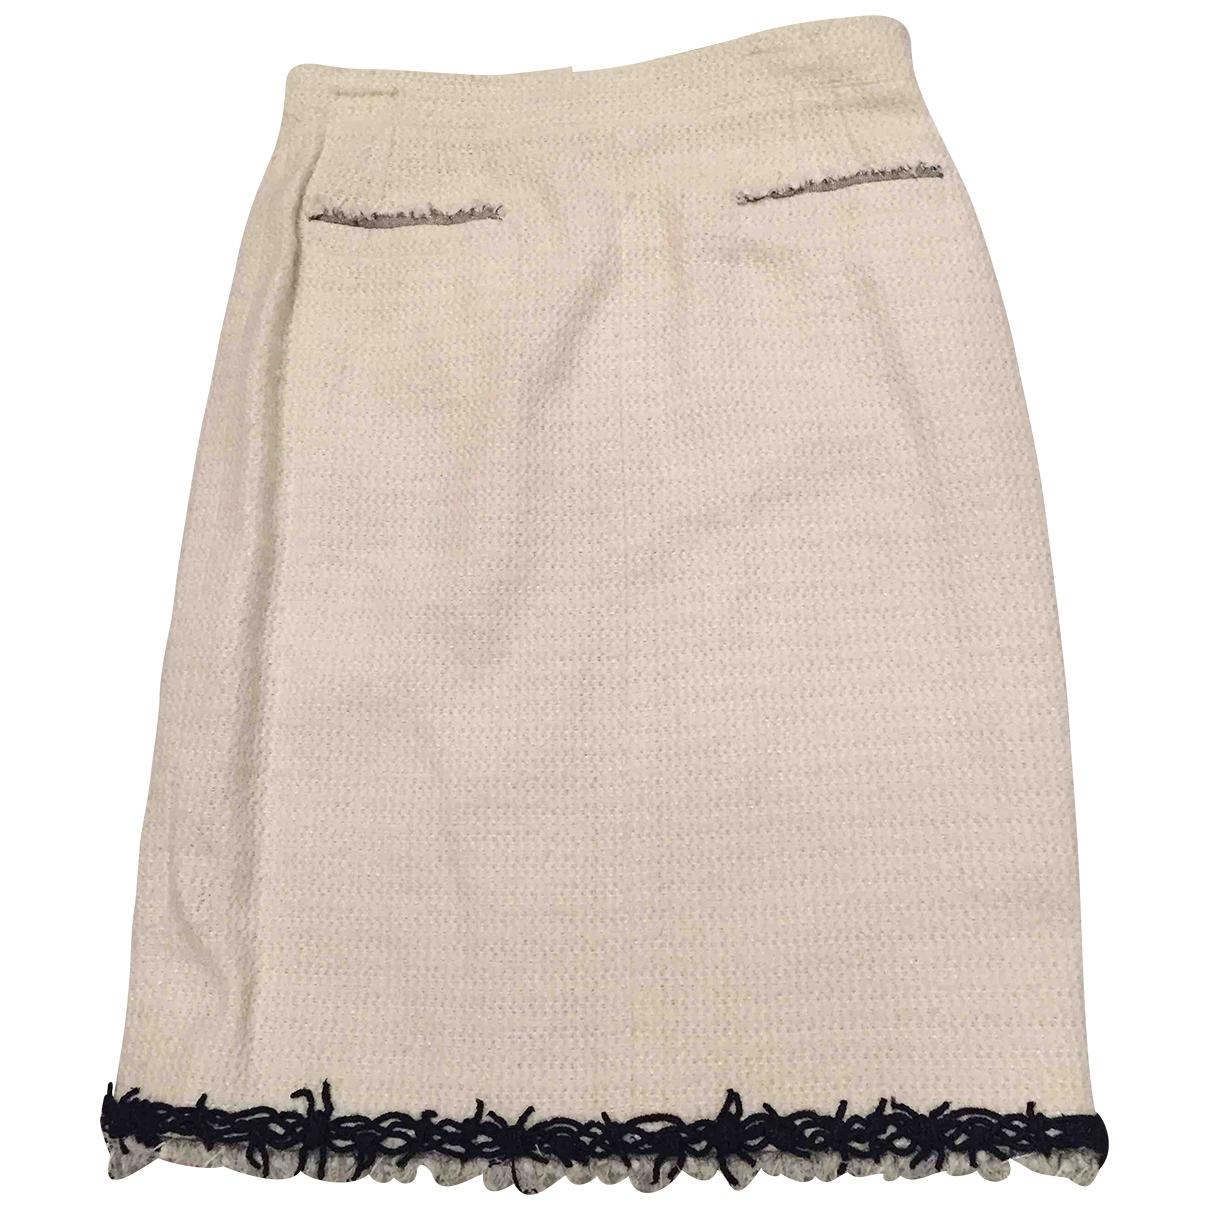 Chanel \N Beige Cotton skirt for Women 40 FR